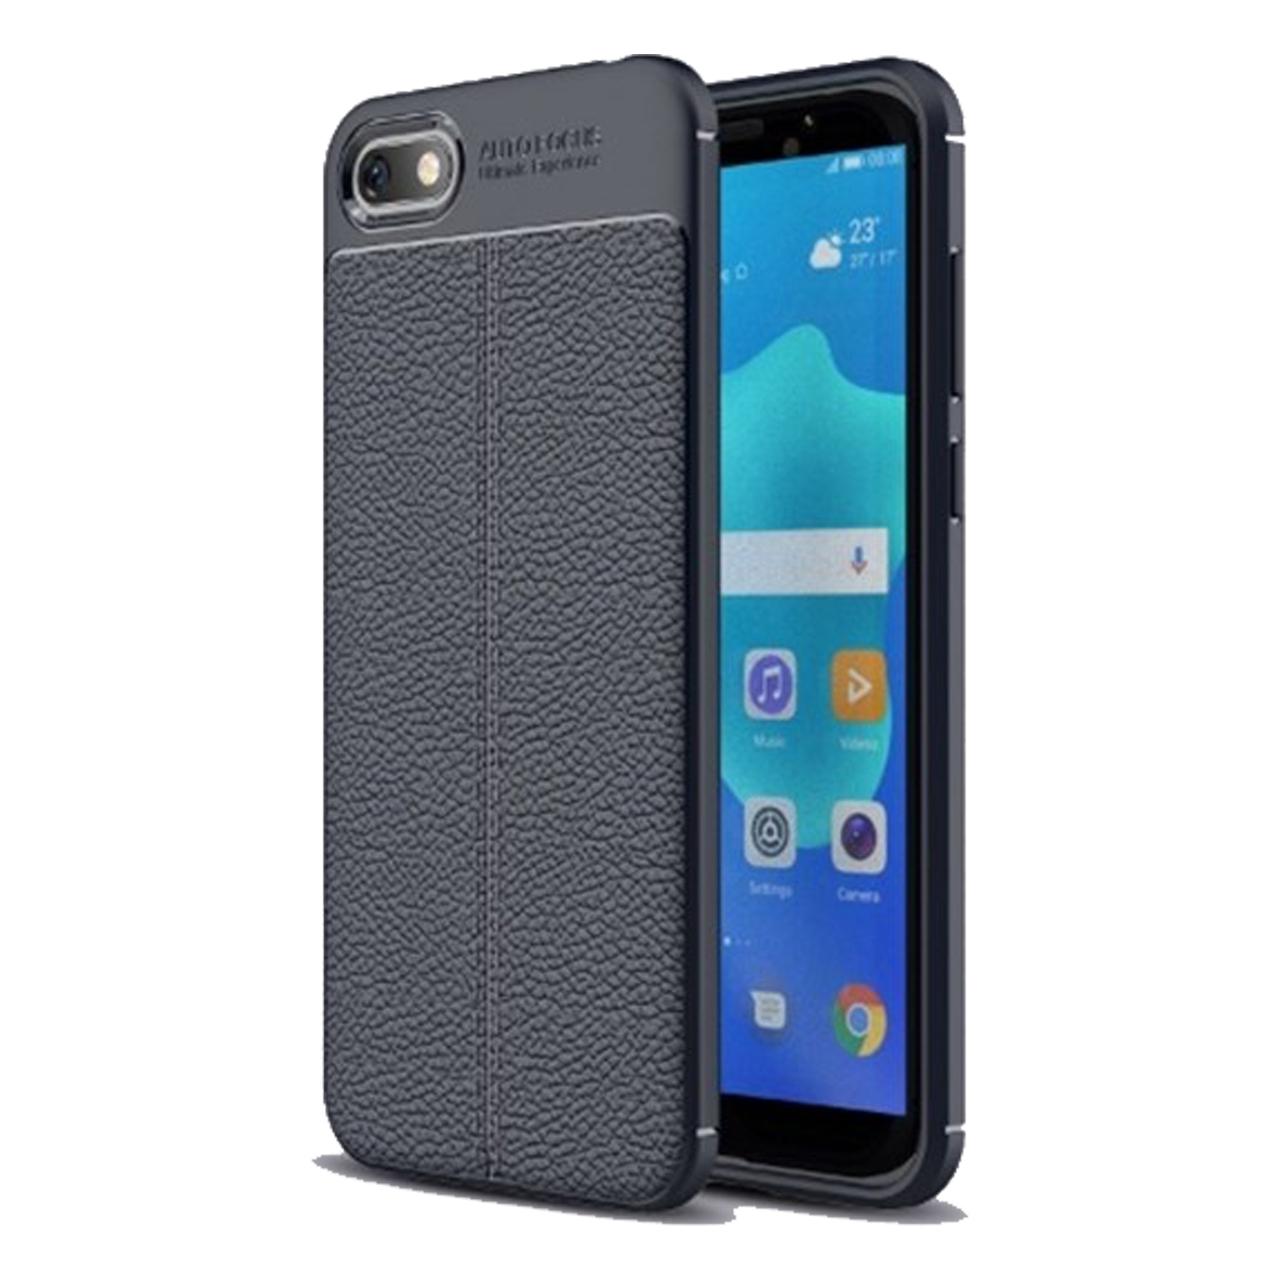 کاور ژله ای اتوفوکوس مدل Ultimate Experiece مناسب برای گوشی موبایل هوآوی Y5 Prime 2018/ Y5 Lite/آنر 7S